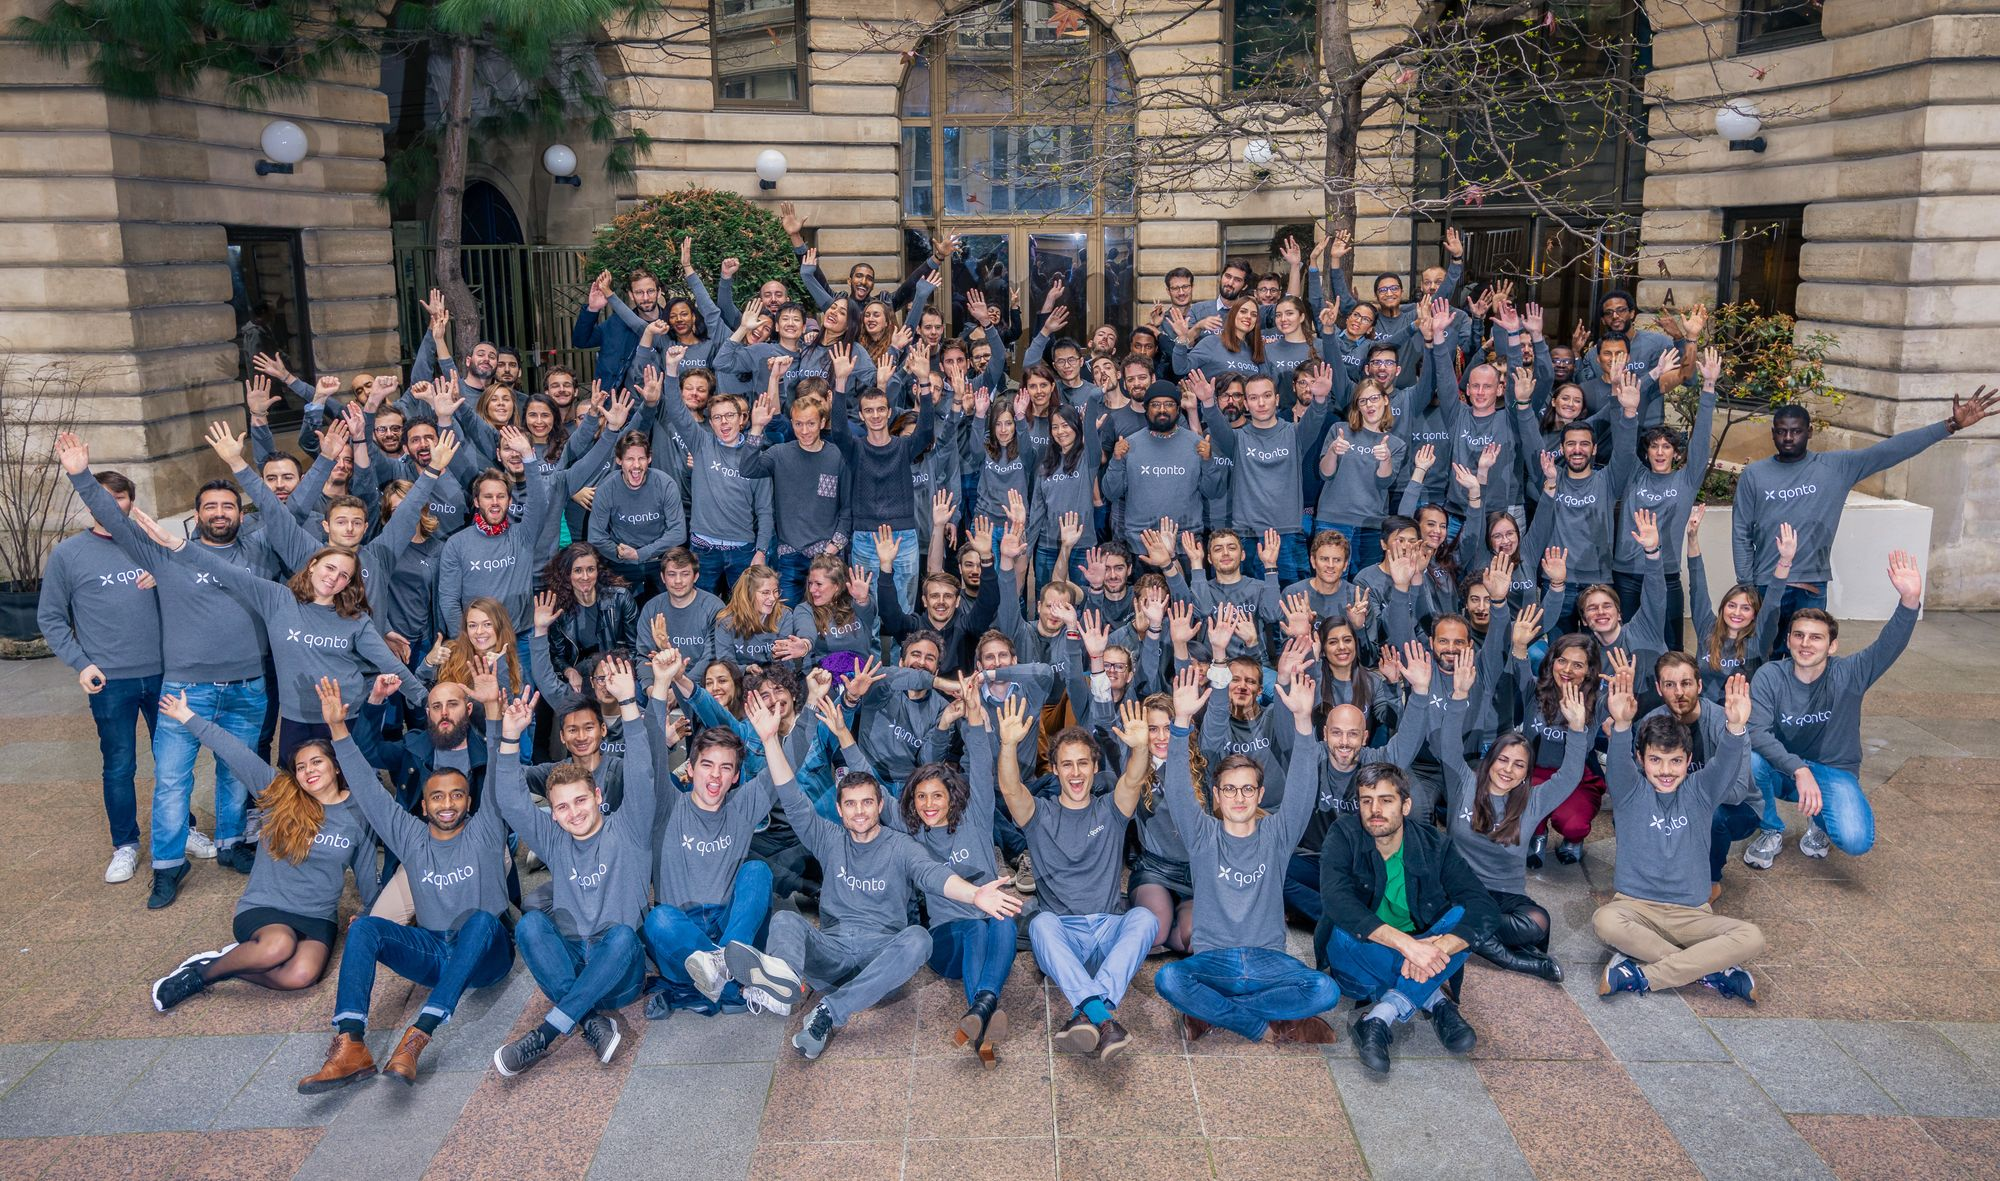 « Chez Qonto, vos expériences sont plus importantes que d'avoir fait une grande école », Alexandre Prot, CEO